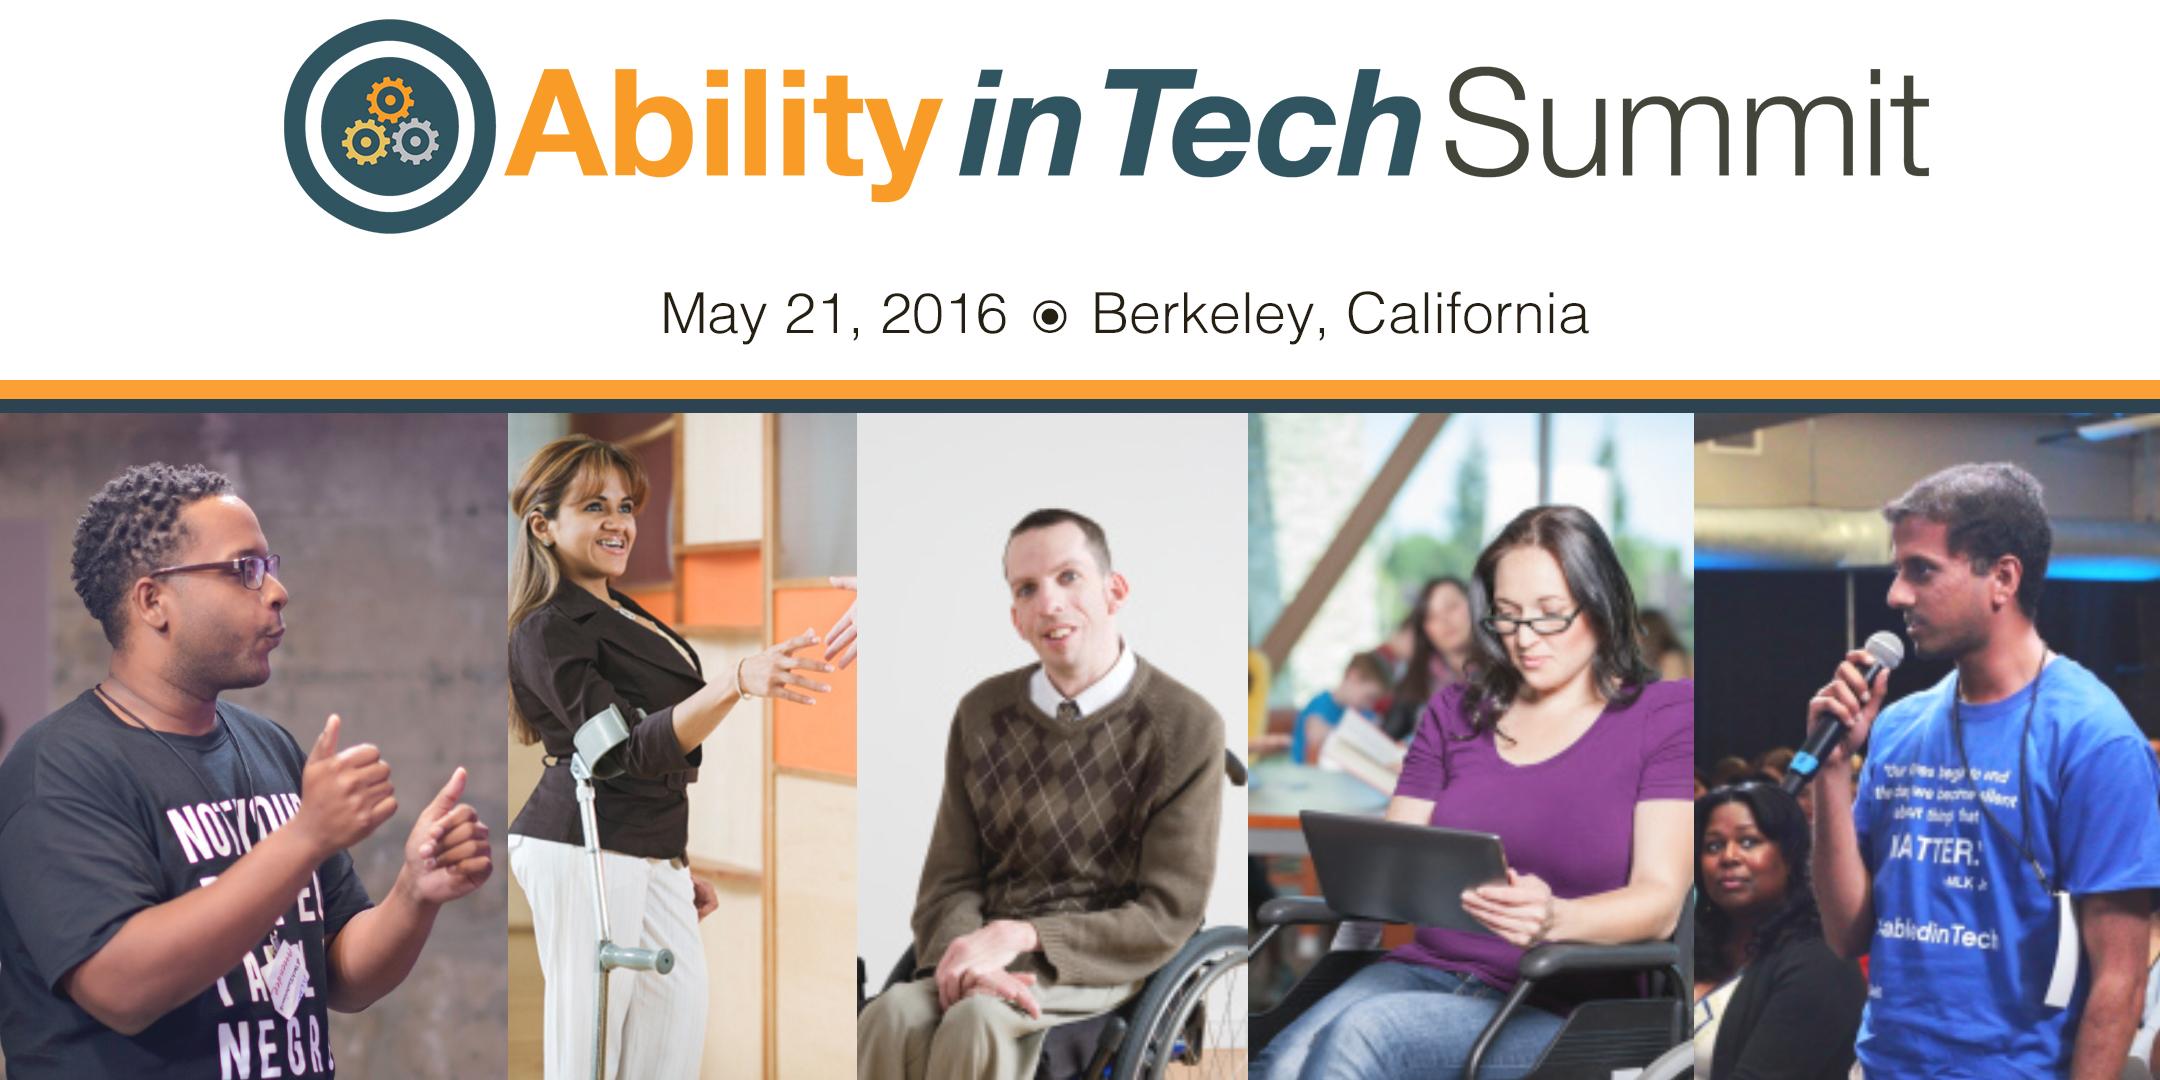 ability.techinclusion.co